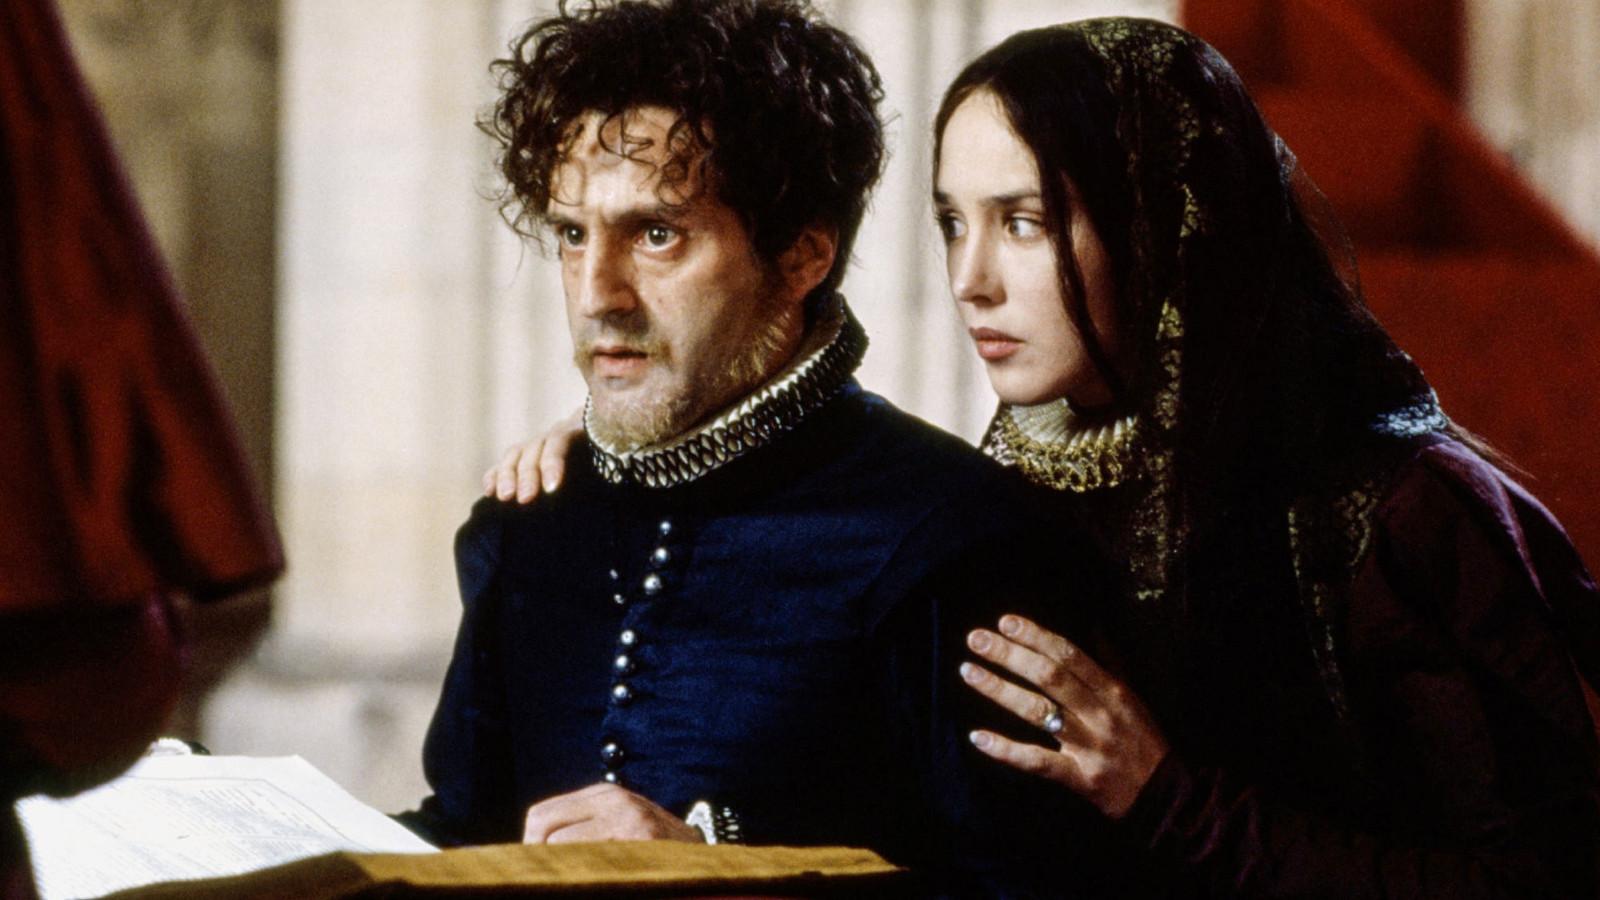 Daniel Auteuil en Isabelle Adjani in La Reine Margot.